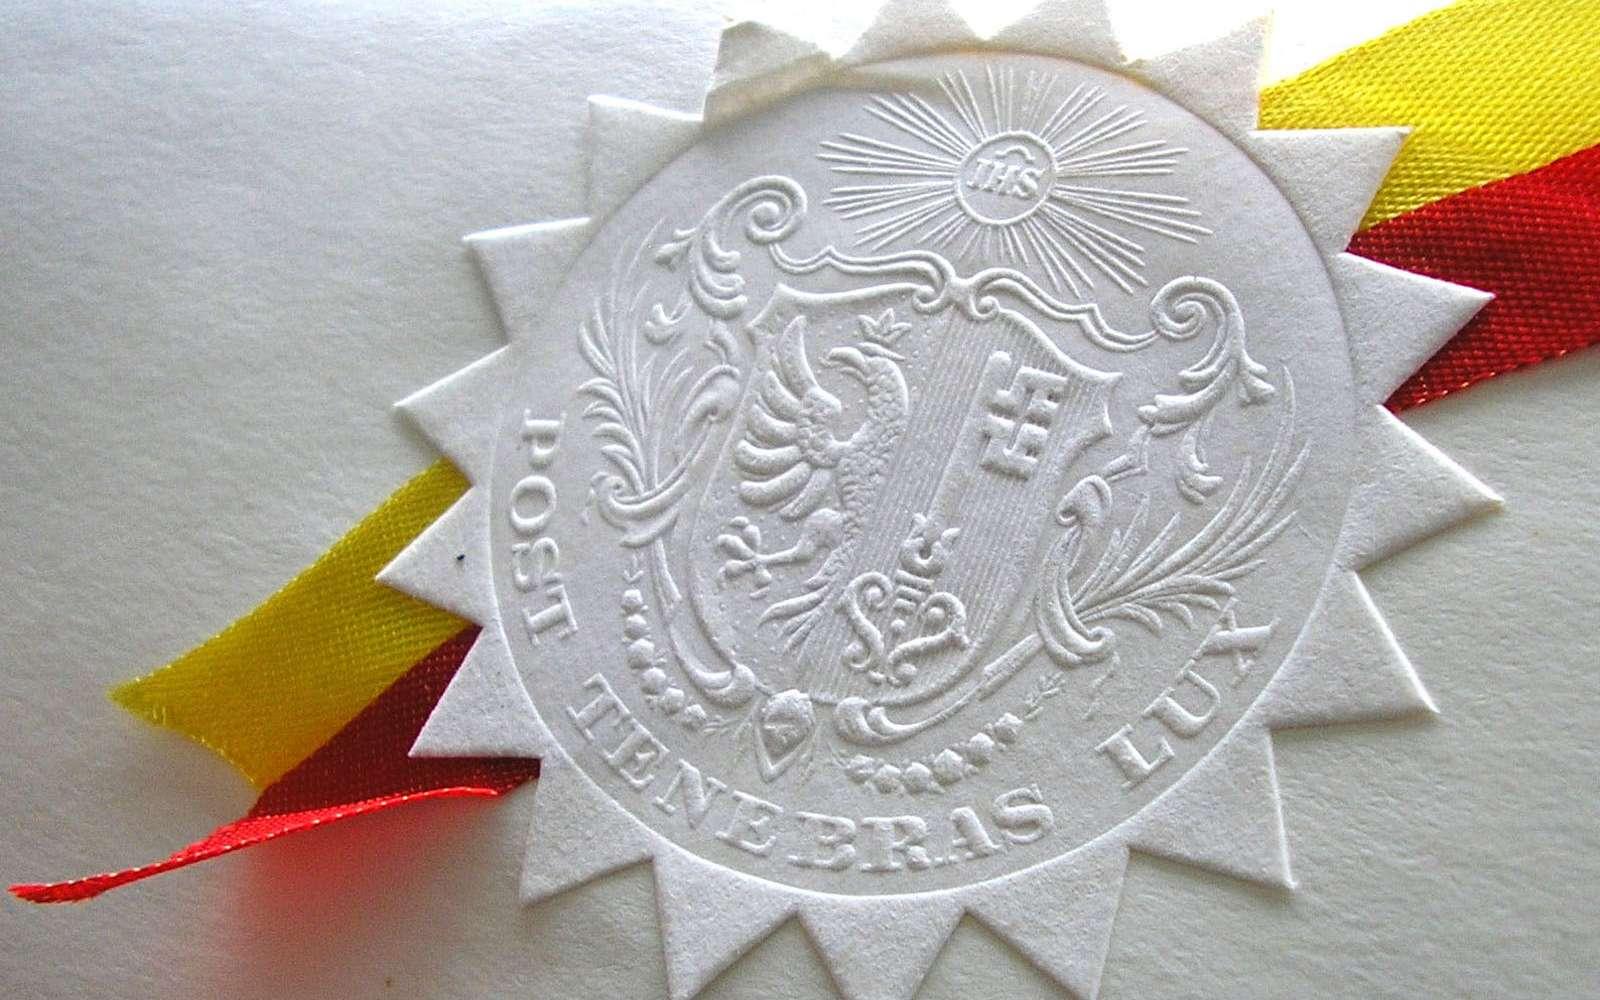 Le gaufrage, ou embossage, consiste à imprimer un relief sur du carton. © MHM55, Wikimedia Commons, CC by-sa 3.0